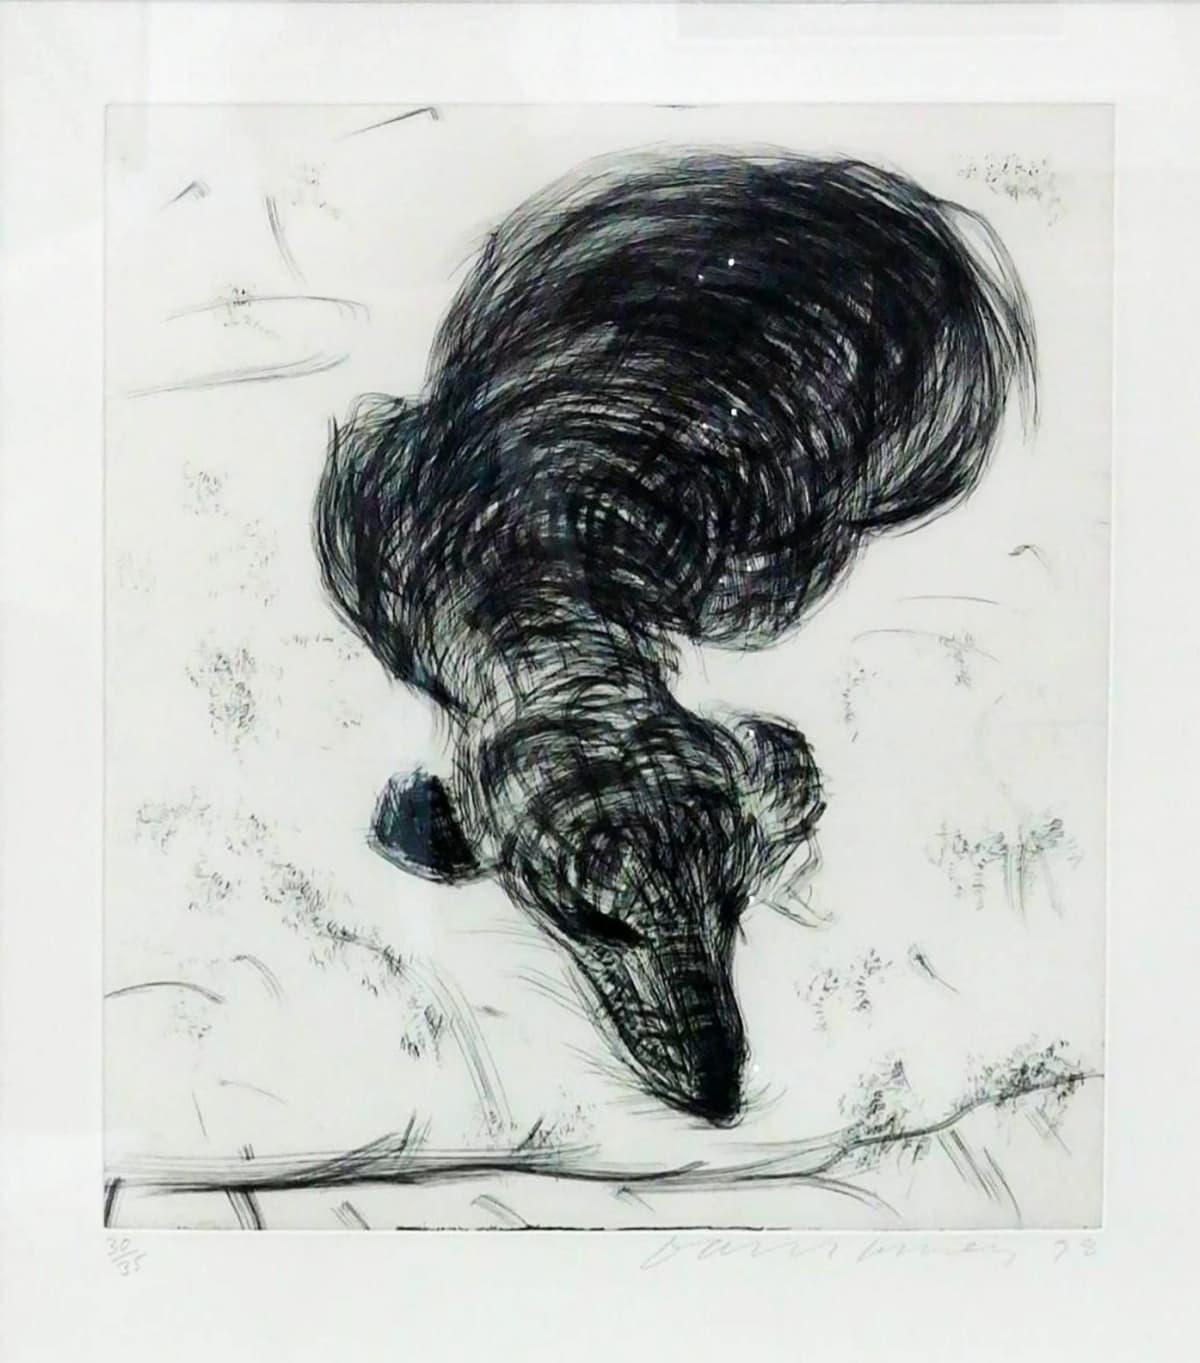 David Hockney, Dog Wall Number 7, 1998